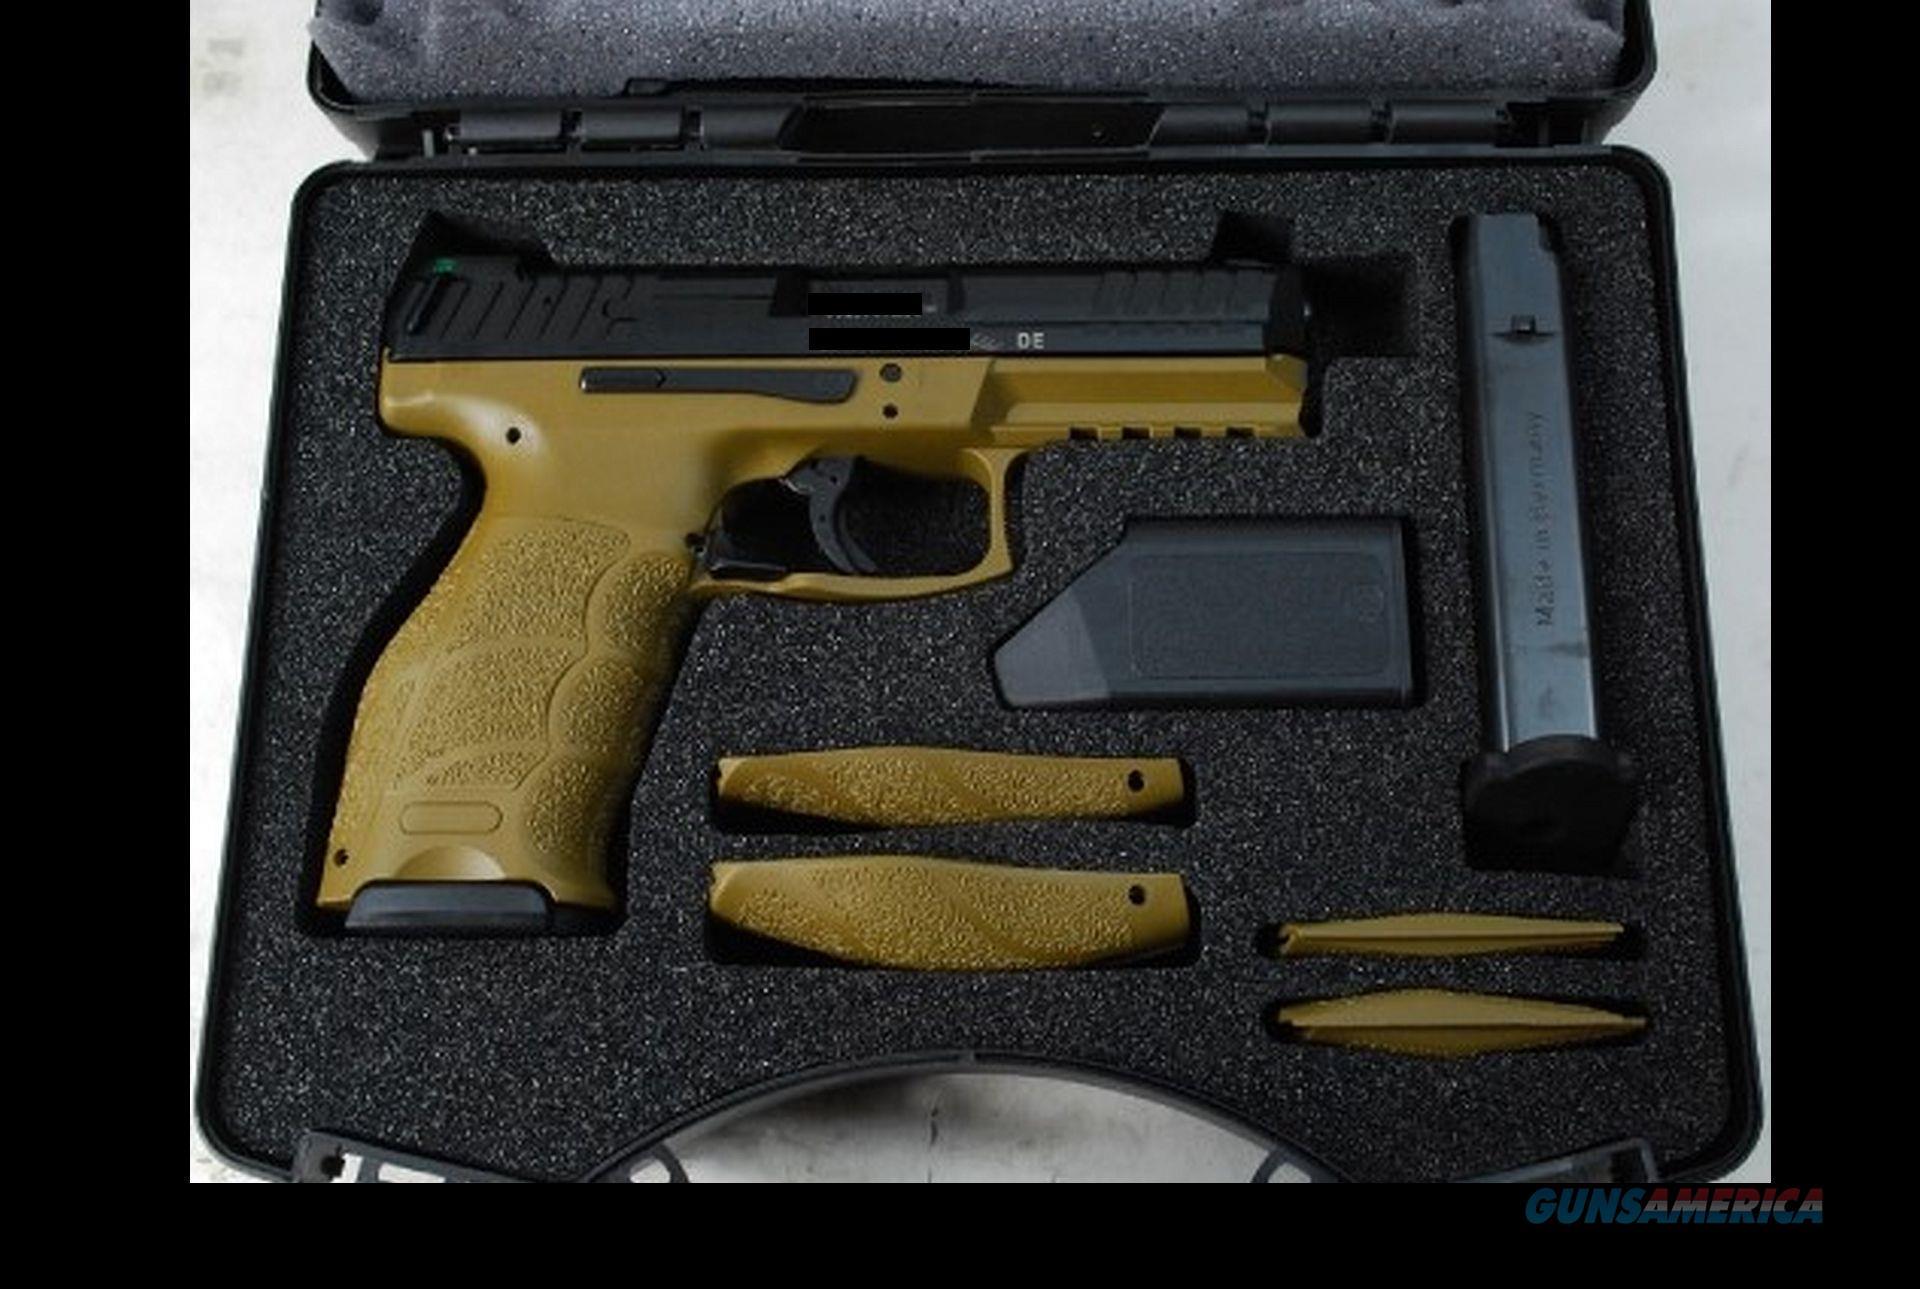 H&K VP9 DARK EARTH EDITION  Guns > Pistols > Heckler & Koch Pistols > Polymer Frame